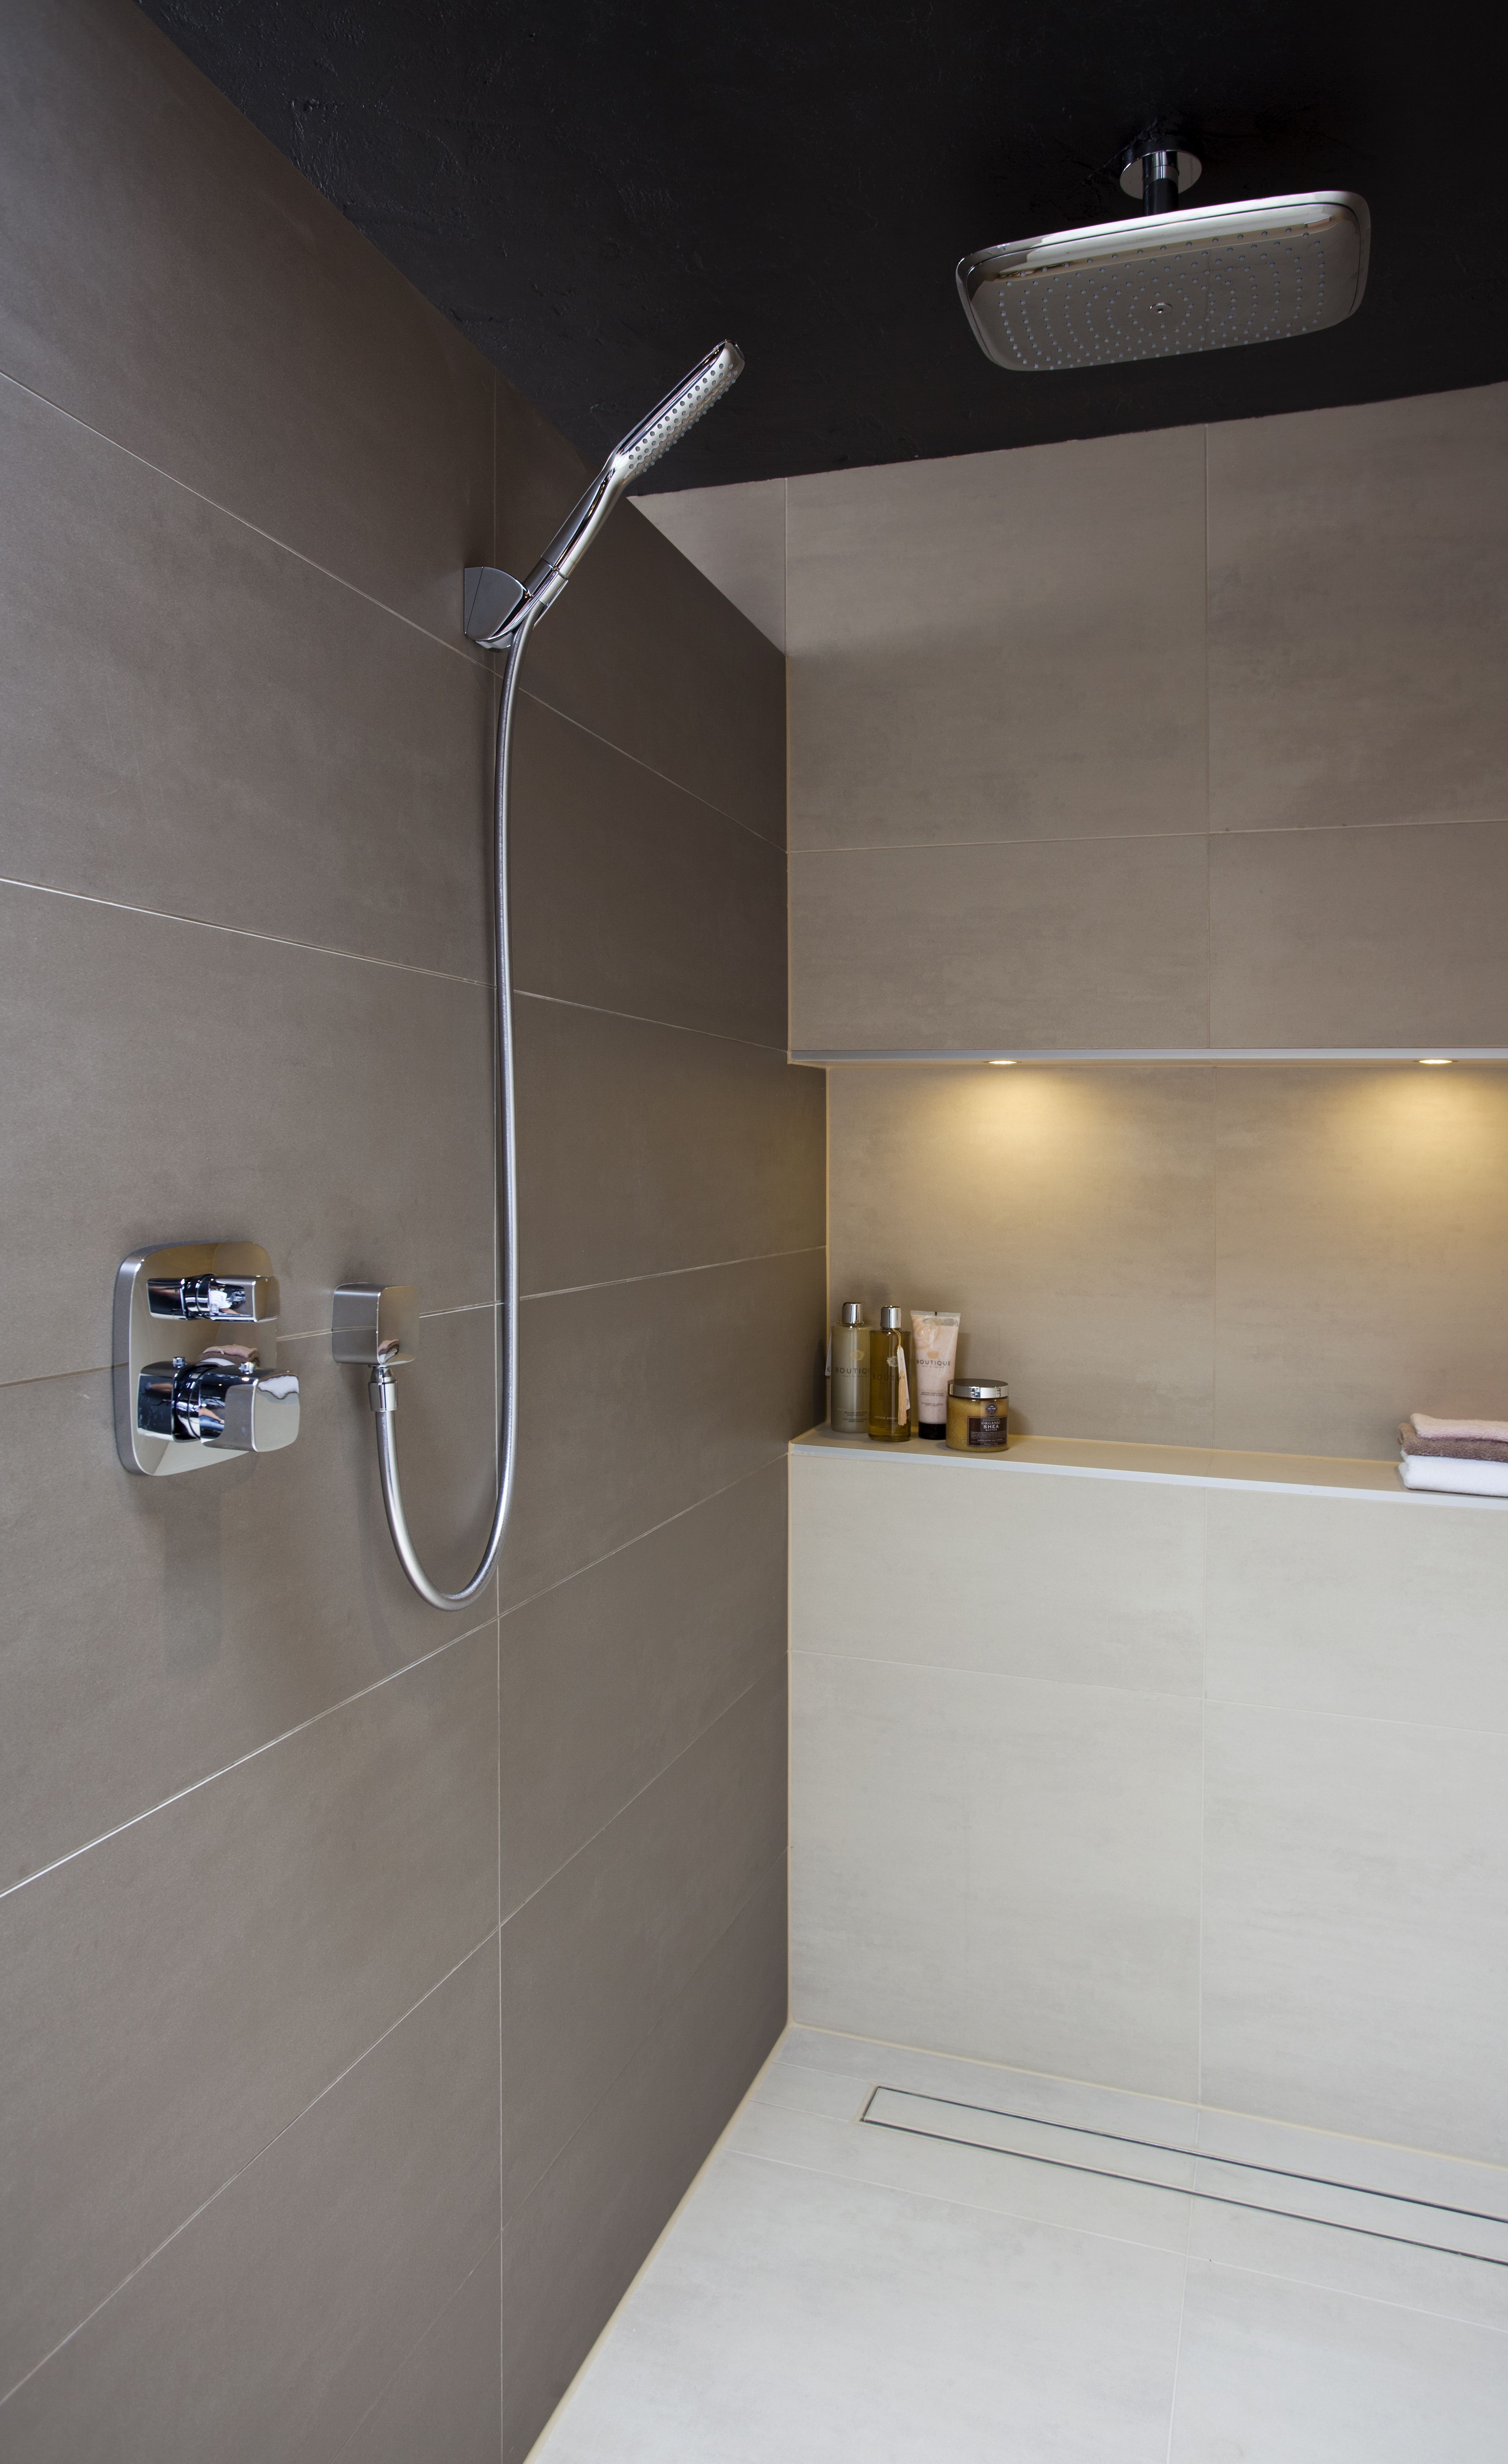 ruime inloopdouche natuurlijke badkamer pinterest see more